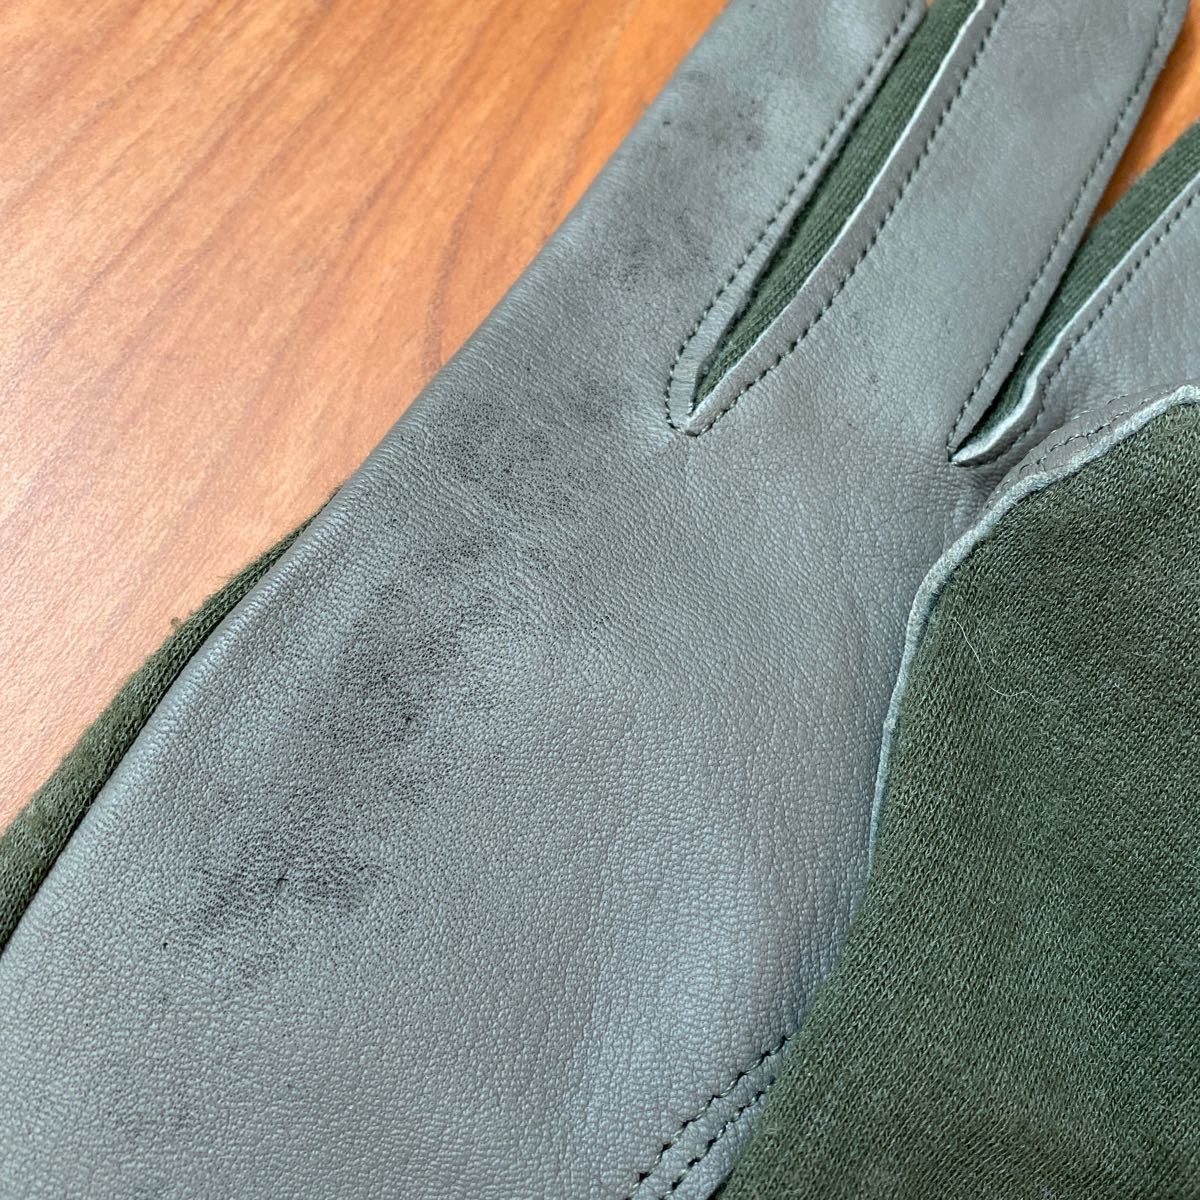 米軍実物 Nomex フライト サマー グローブ Gloves Flyers フライトギア レザーグローブ 手袋 ノーメックス 革手袋 ミリタリー パイロット_画像3